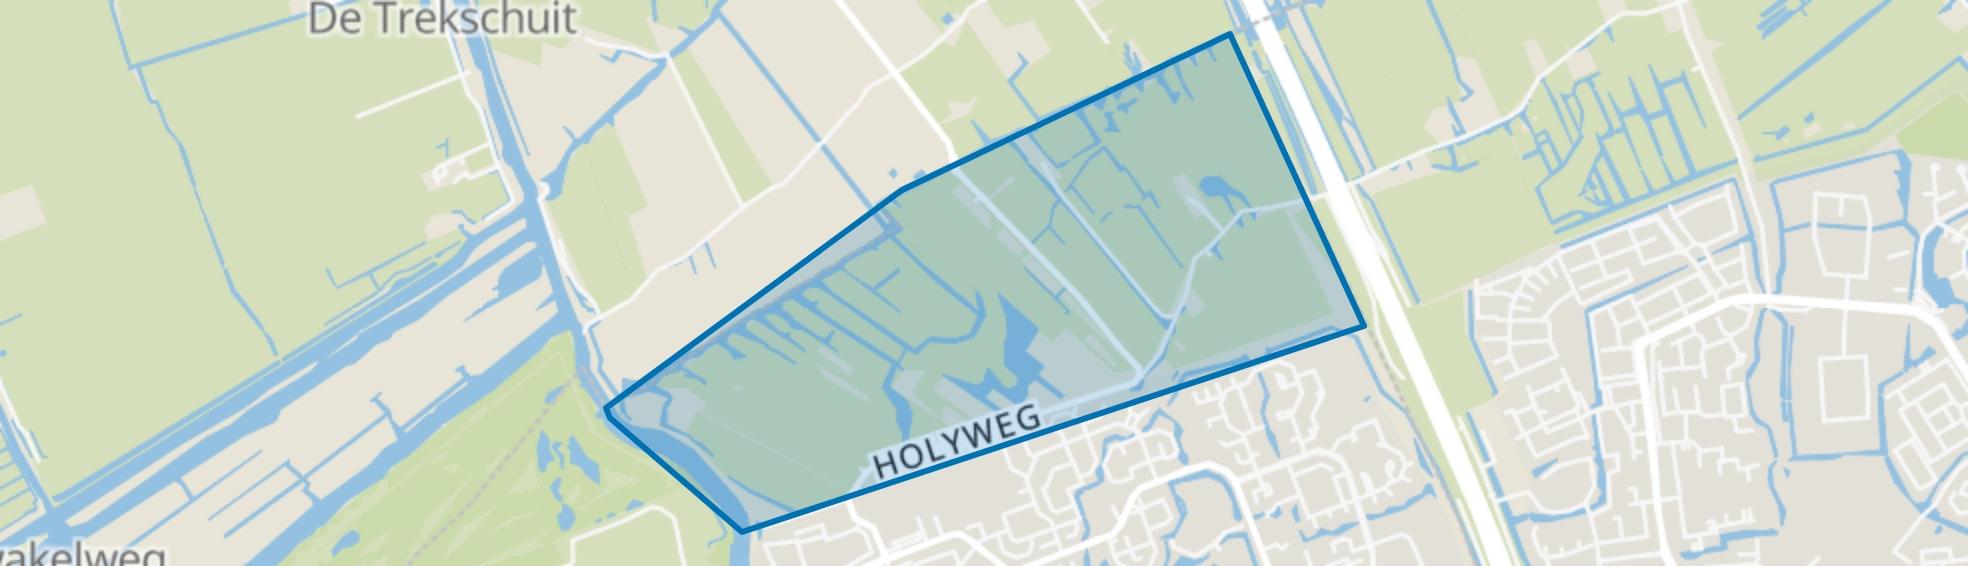 Holierhoekse Polder, Vlaardingen map